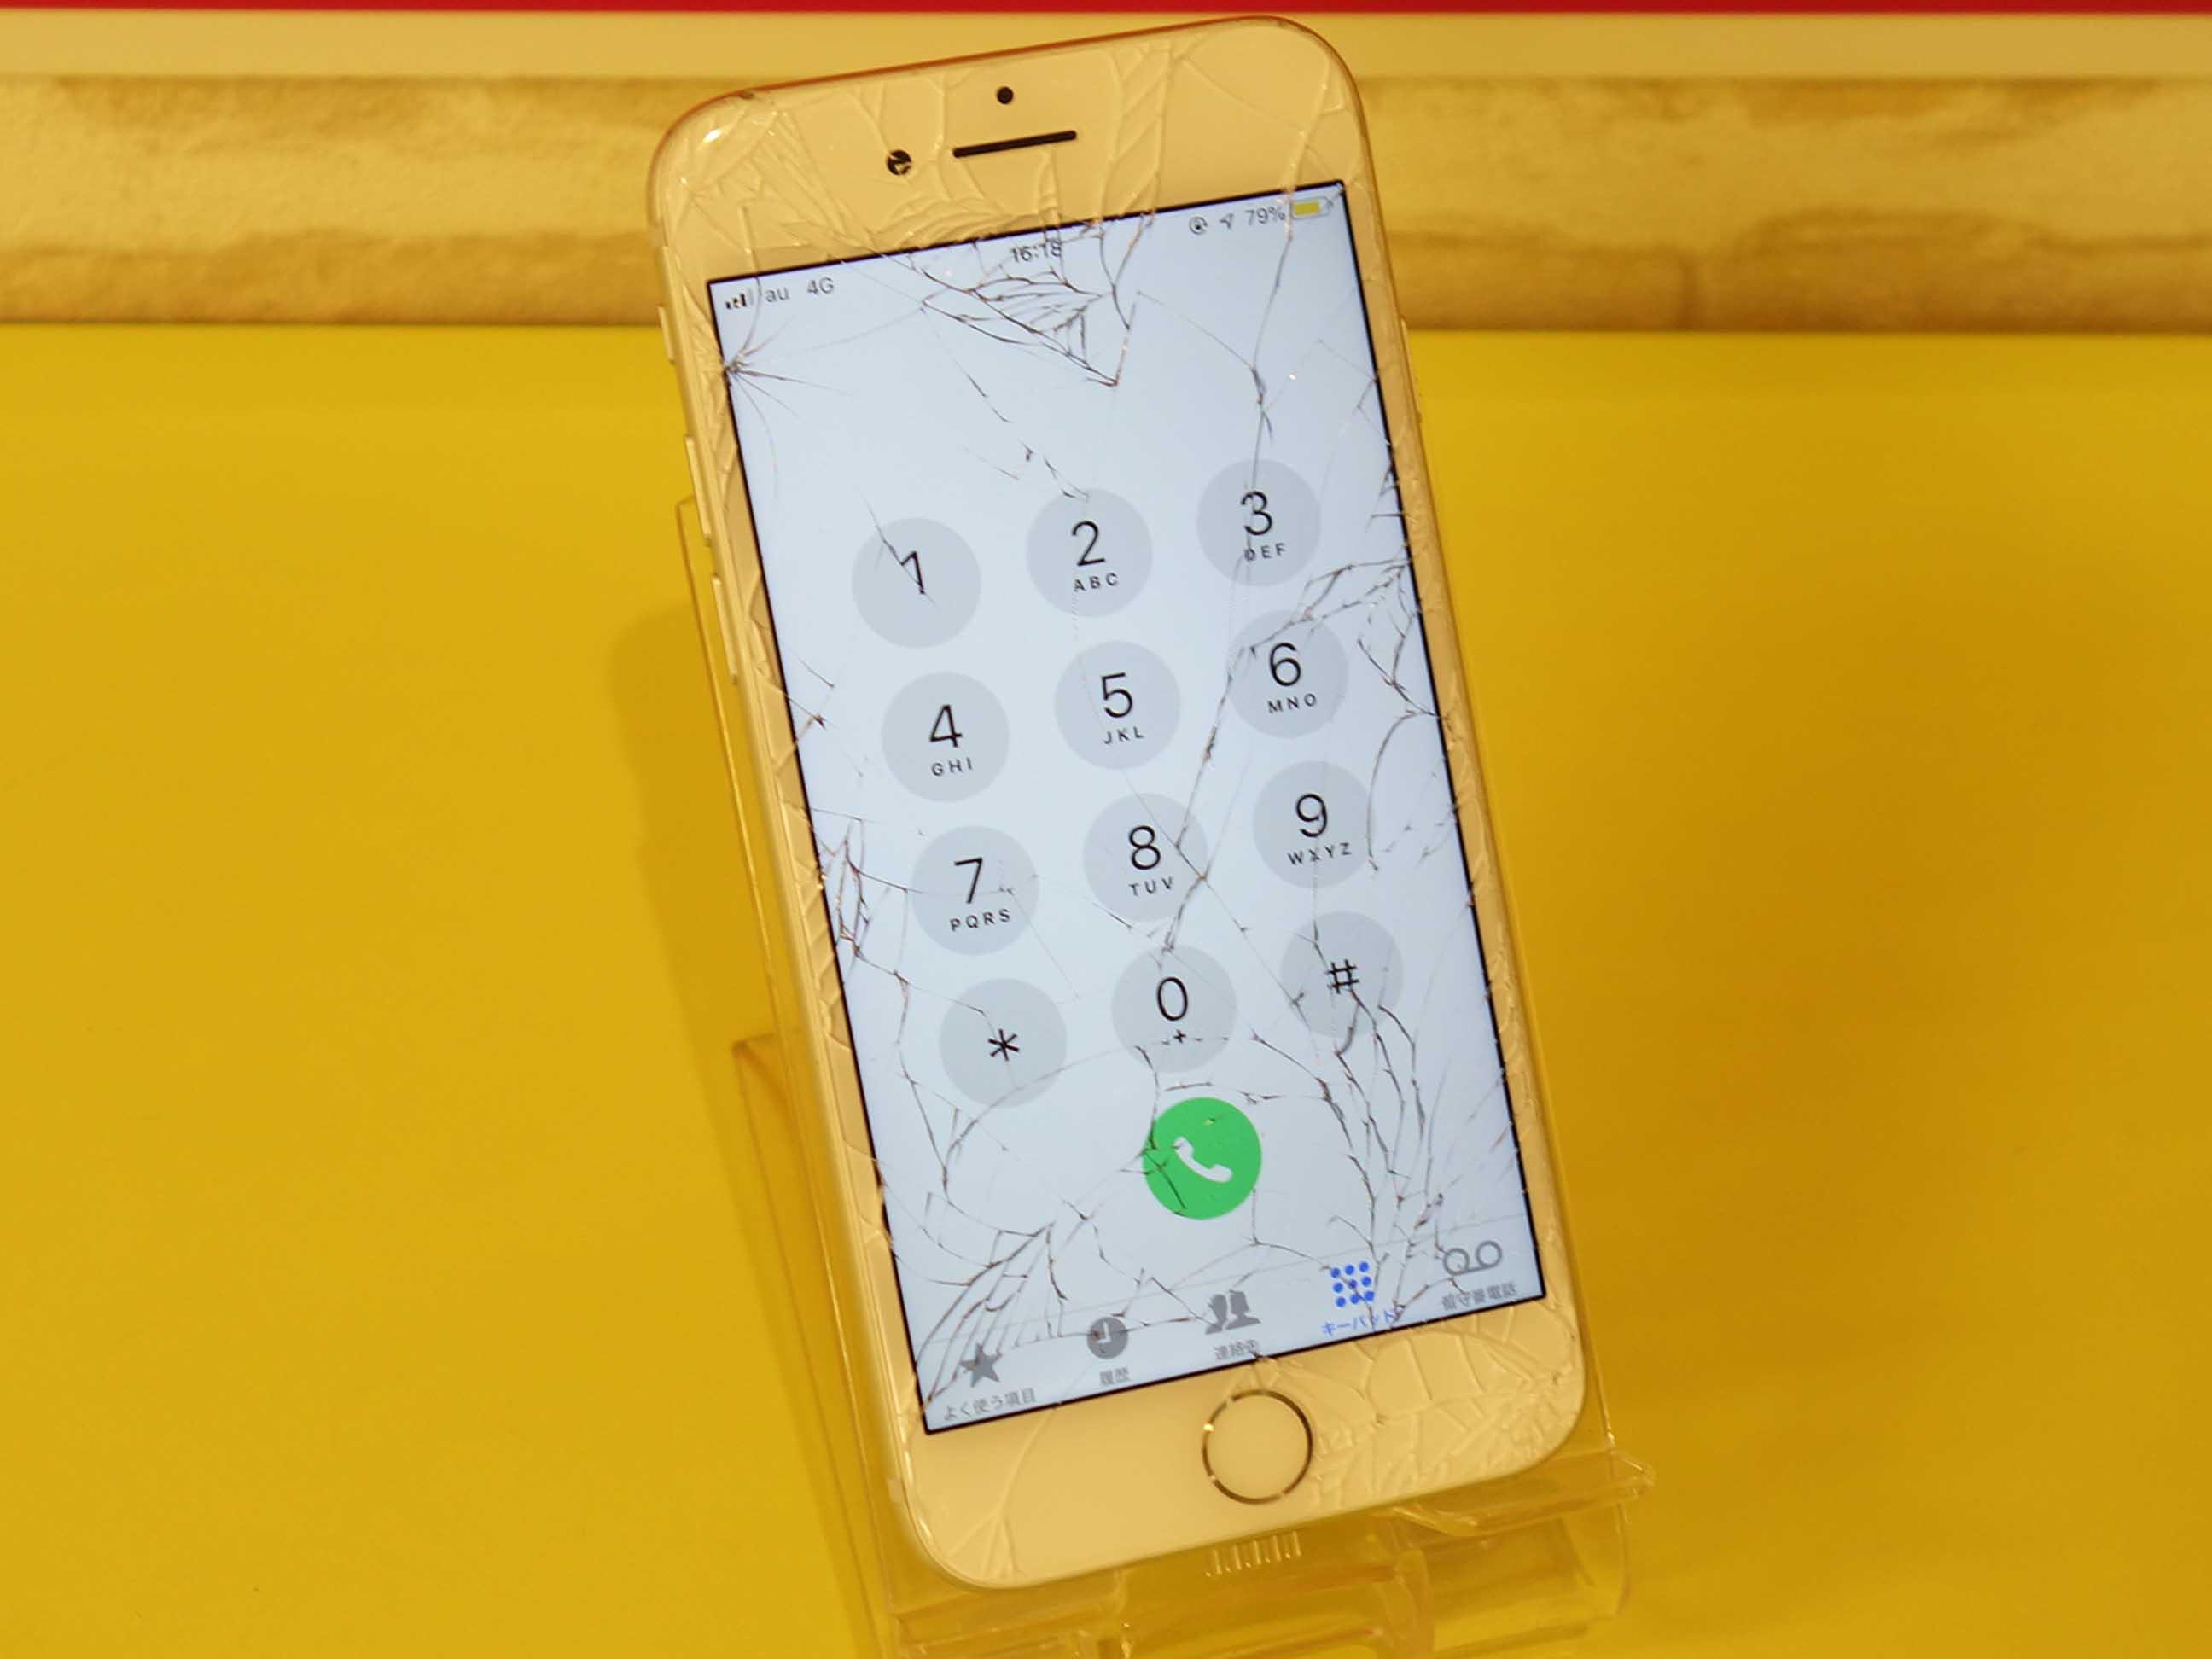 画面が割れた 名古屋市 iPhone7 ガラス割れ アイフォン修理のクイック名古屋